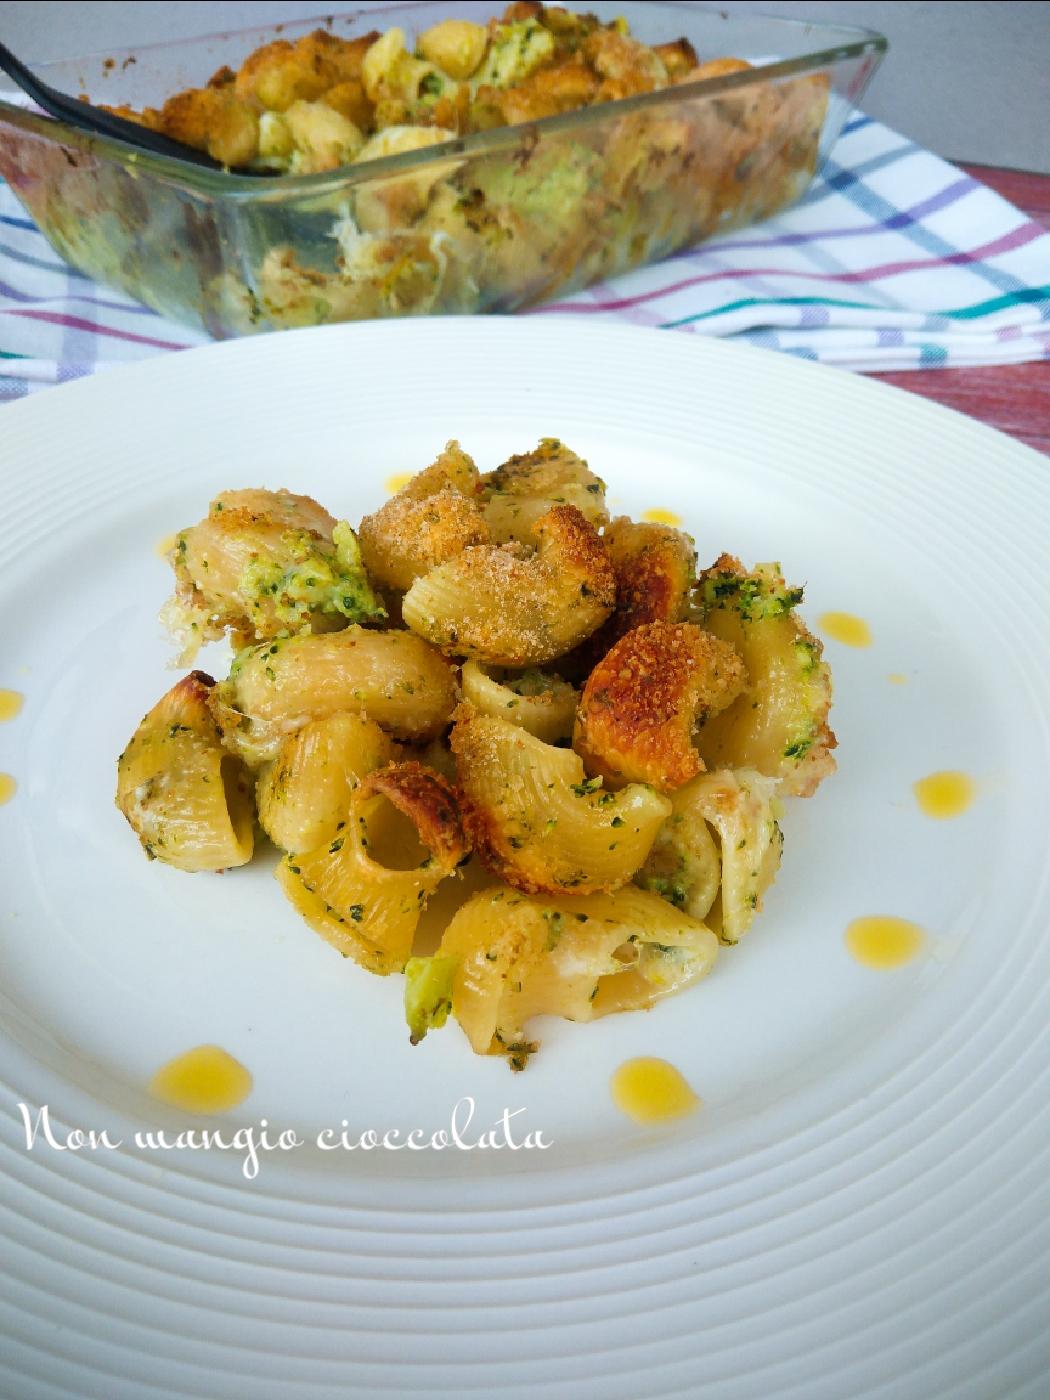 Pipe rigate al forno con broccoli e mozzarella